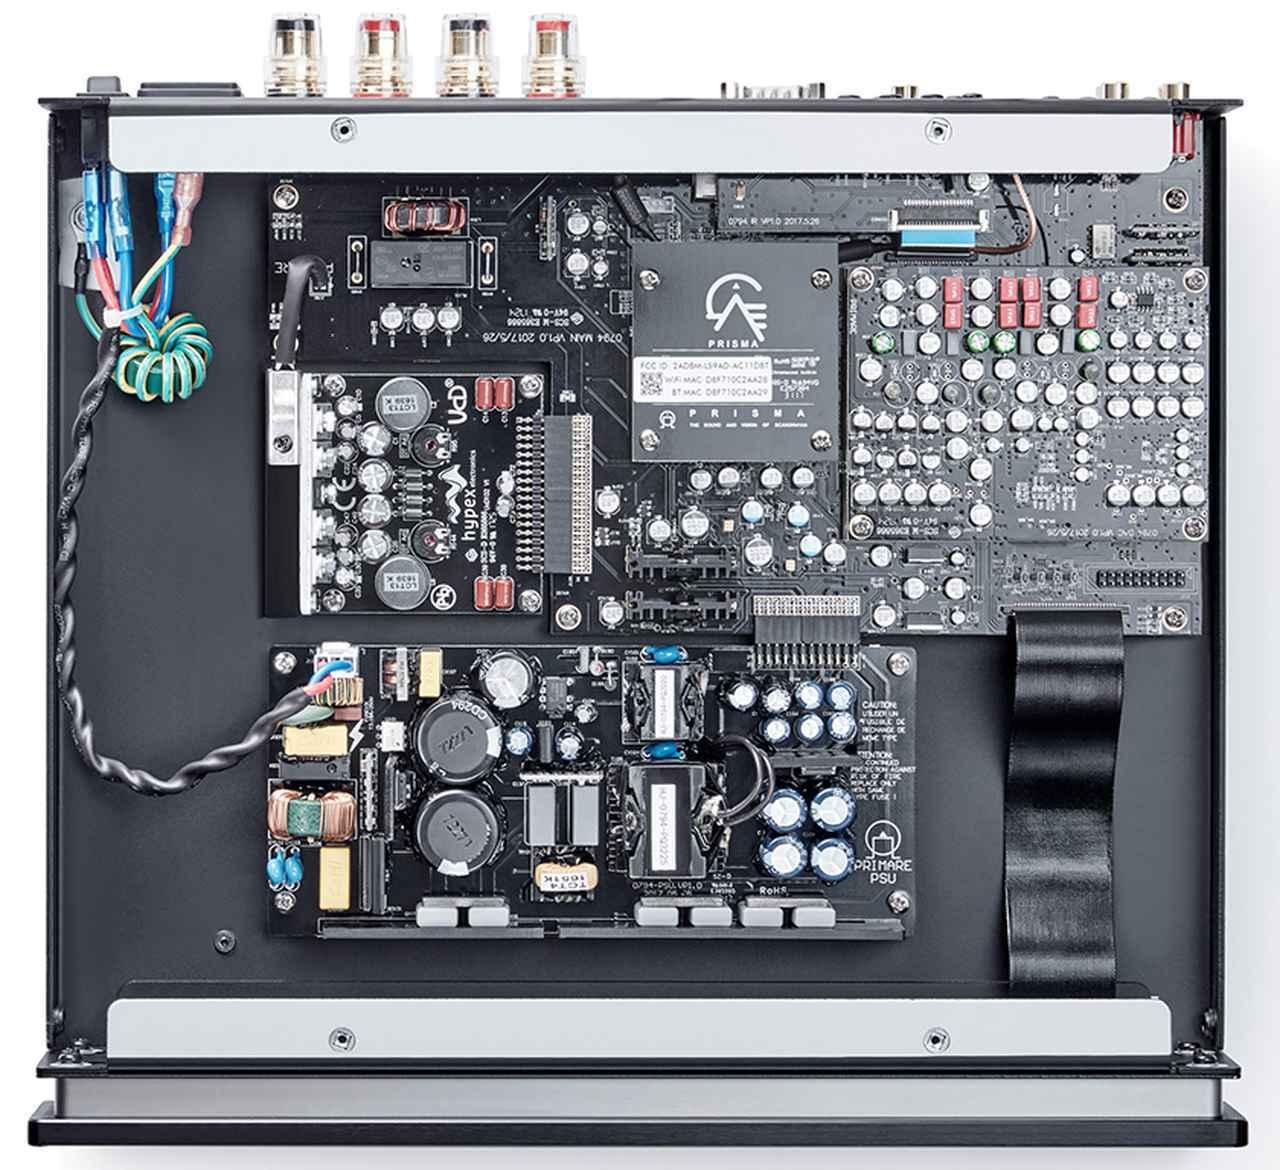 画像: ↑精巧に造り込まれたI15 PRISMAの内部の様子。Hypex社の特別仕様のアンプモジュールを採用。電源はディスクリート構成とし、急激な変化に対しても安定した電源を提供する。またDAC部には旭化成エレクトロニクス社の高性能32ビット2ch素子、AK4490EQを搭載する